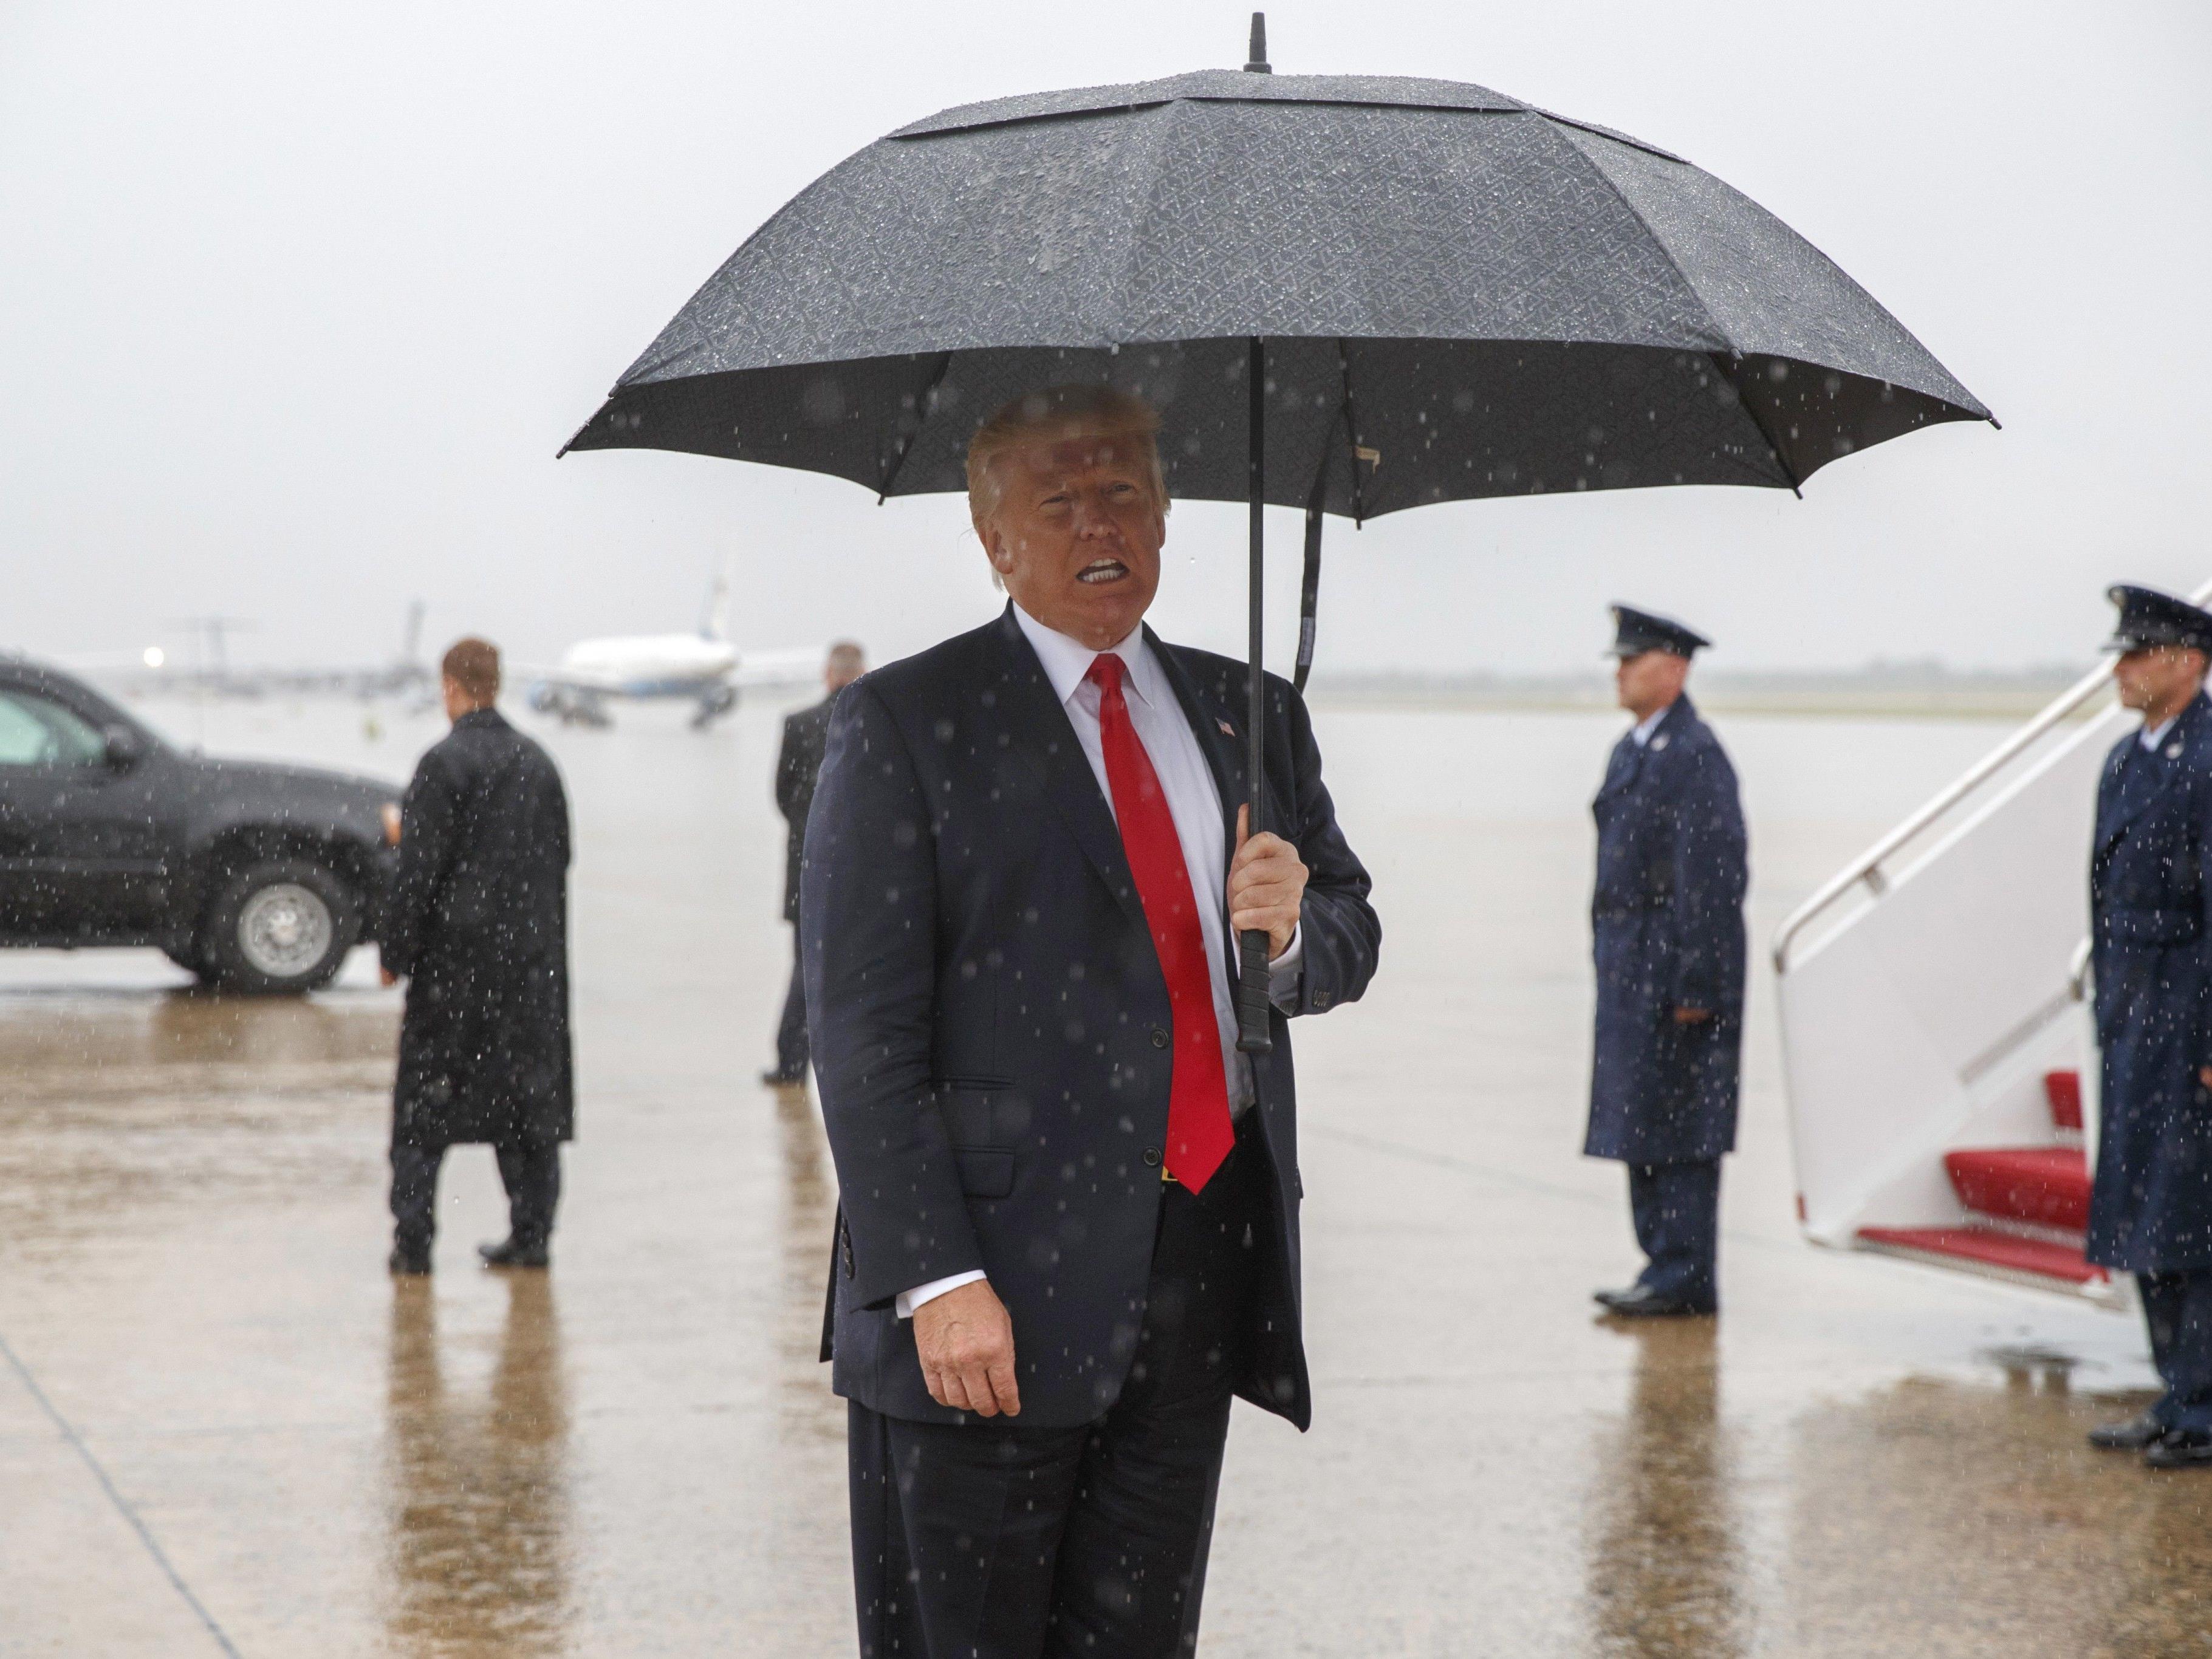 Doch gut für Trump: Skandal-Scheinwerfer verbrennen fast allen Sauerstoff der öffentlichen Aufmerksamkeit.